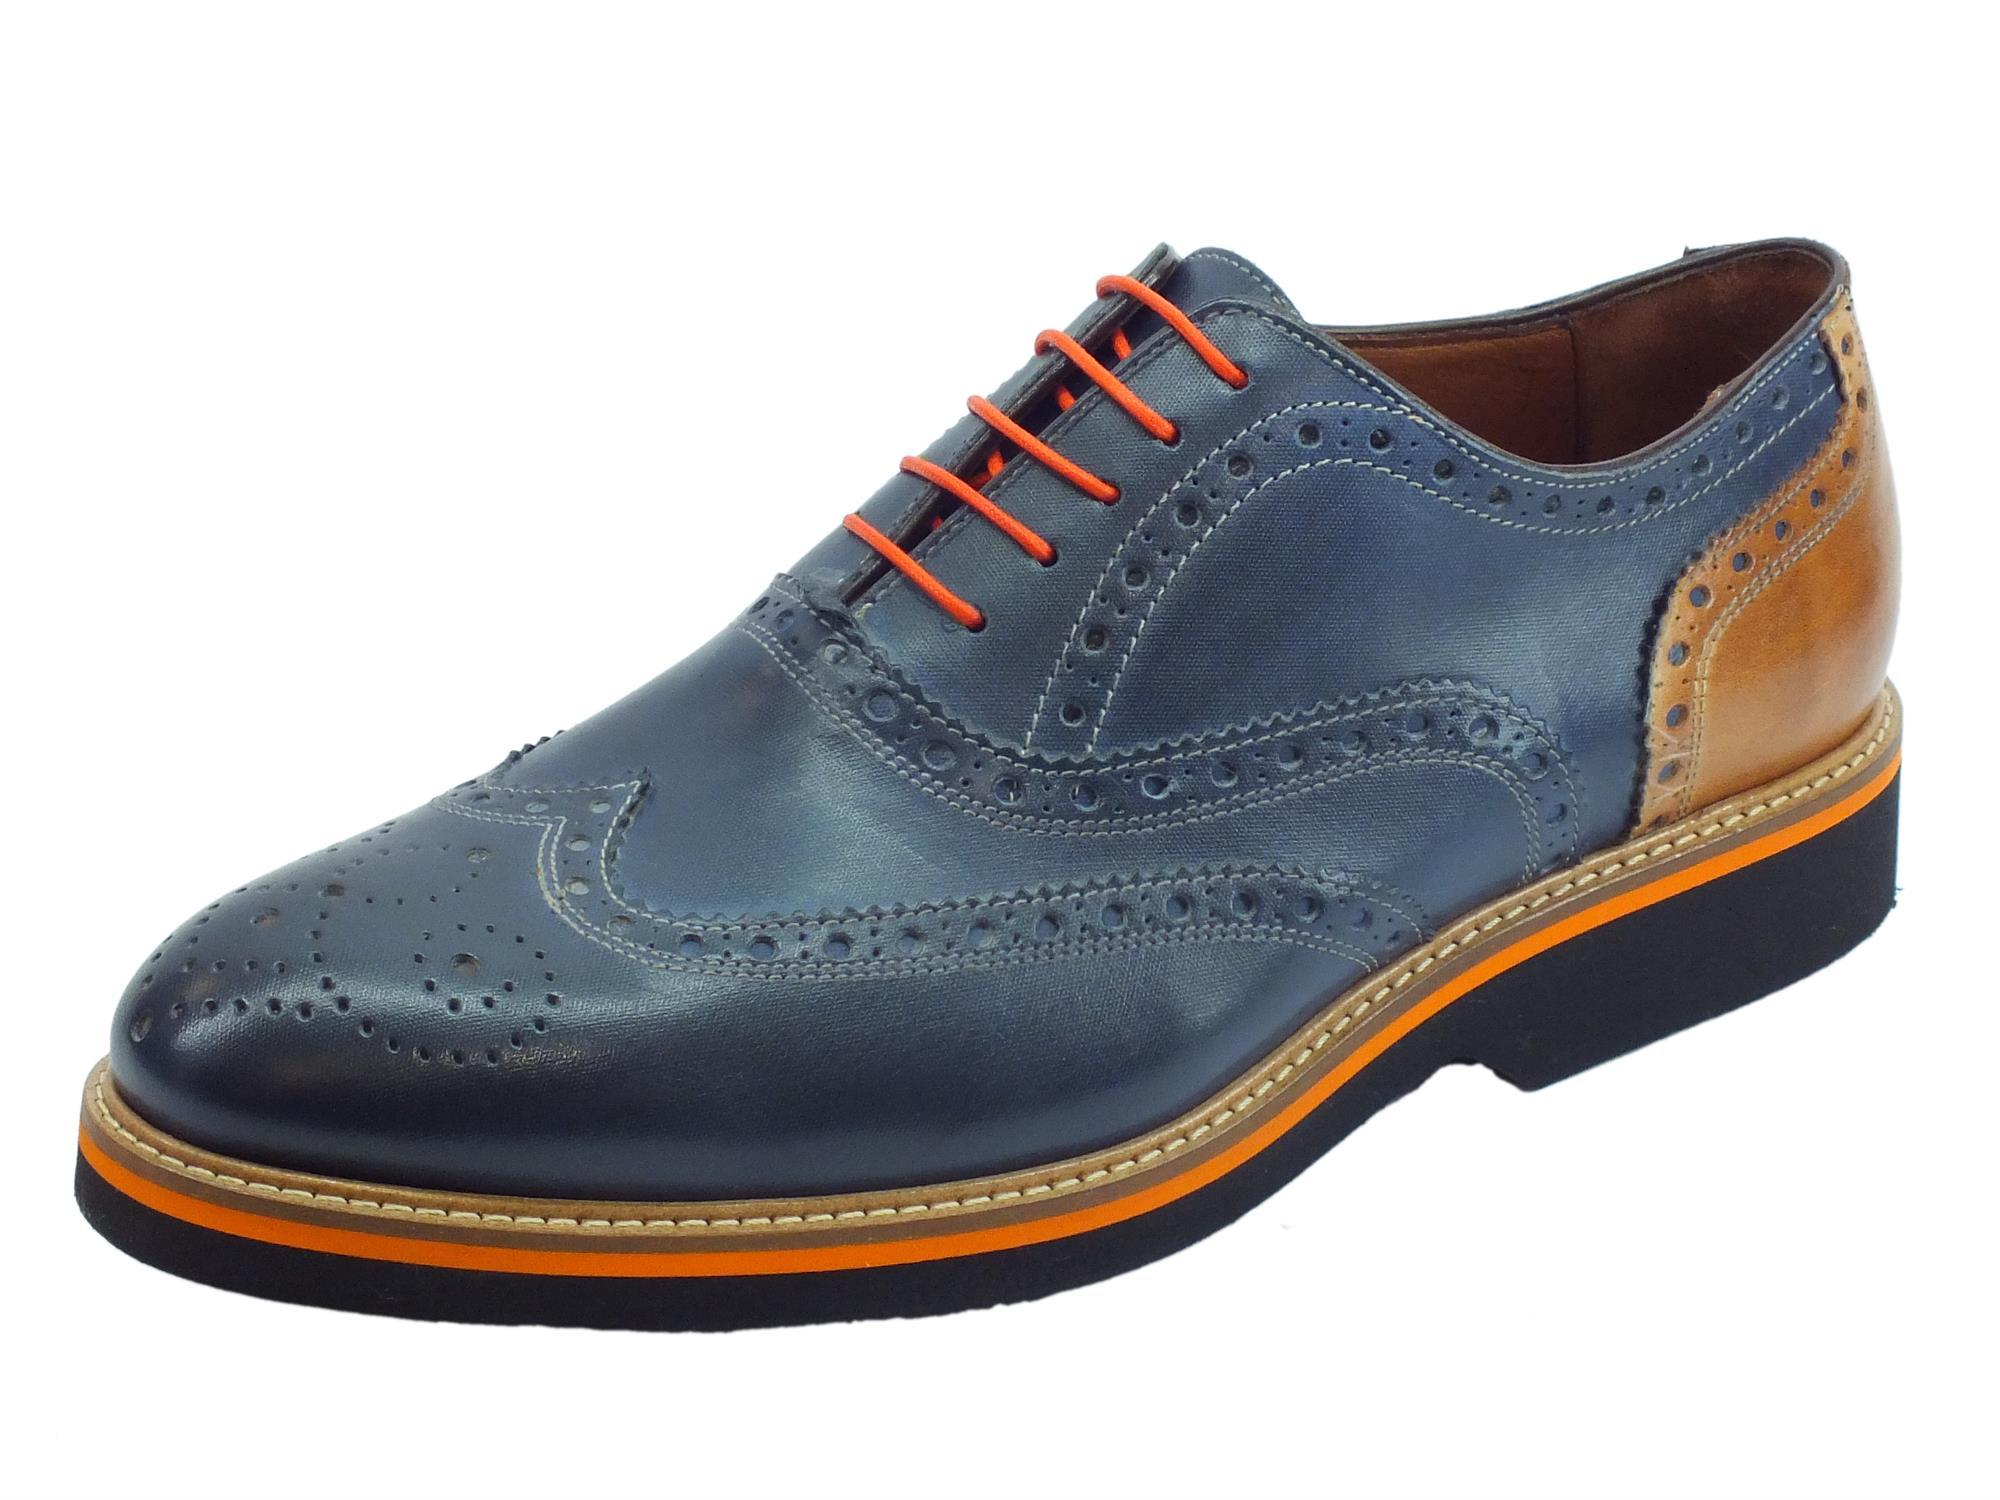 Scarpe eleganti per uomo Mercanti Fiorentini in pelle blu e marrone 02e85a11e15